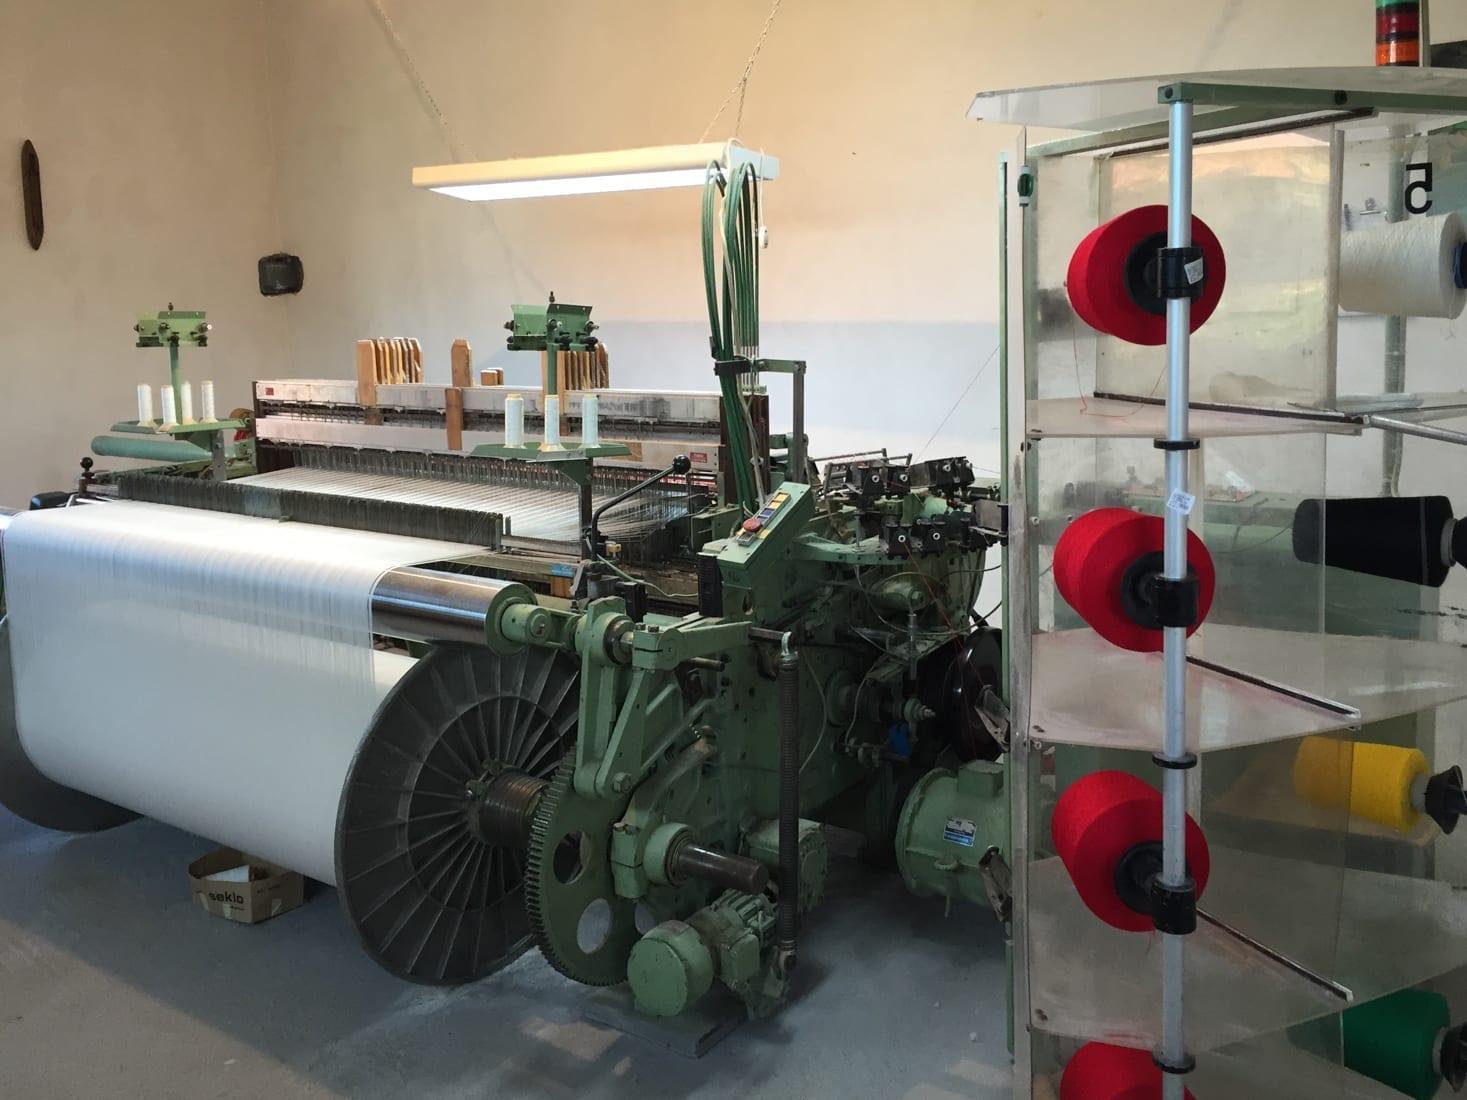 Tkalački stroj